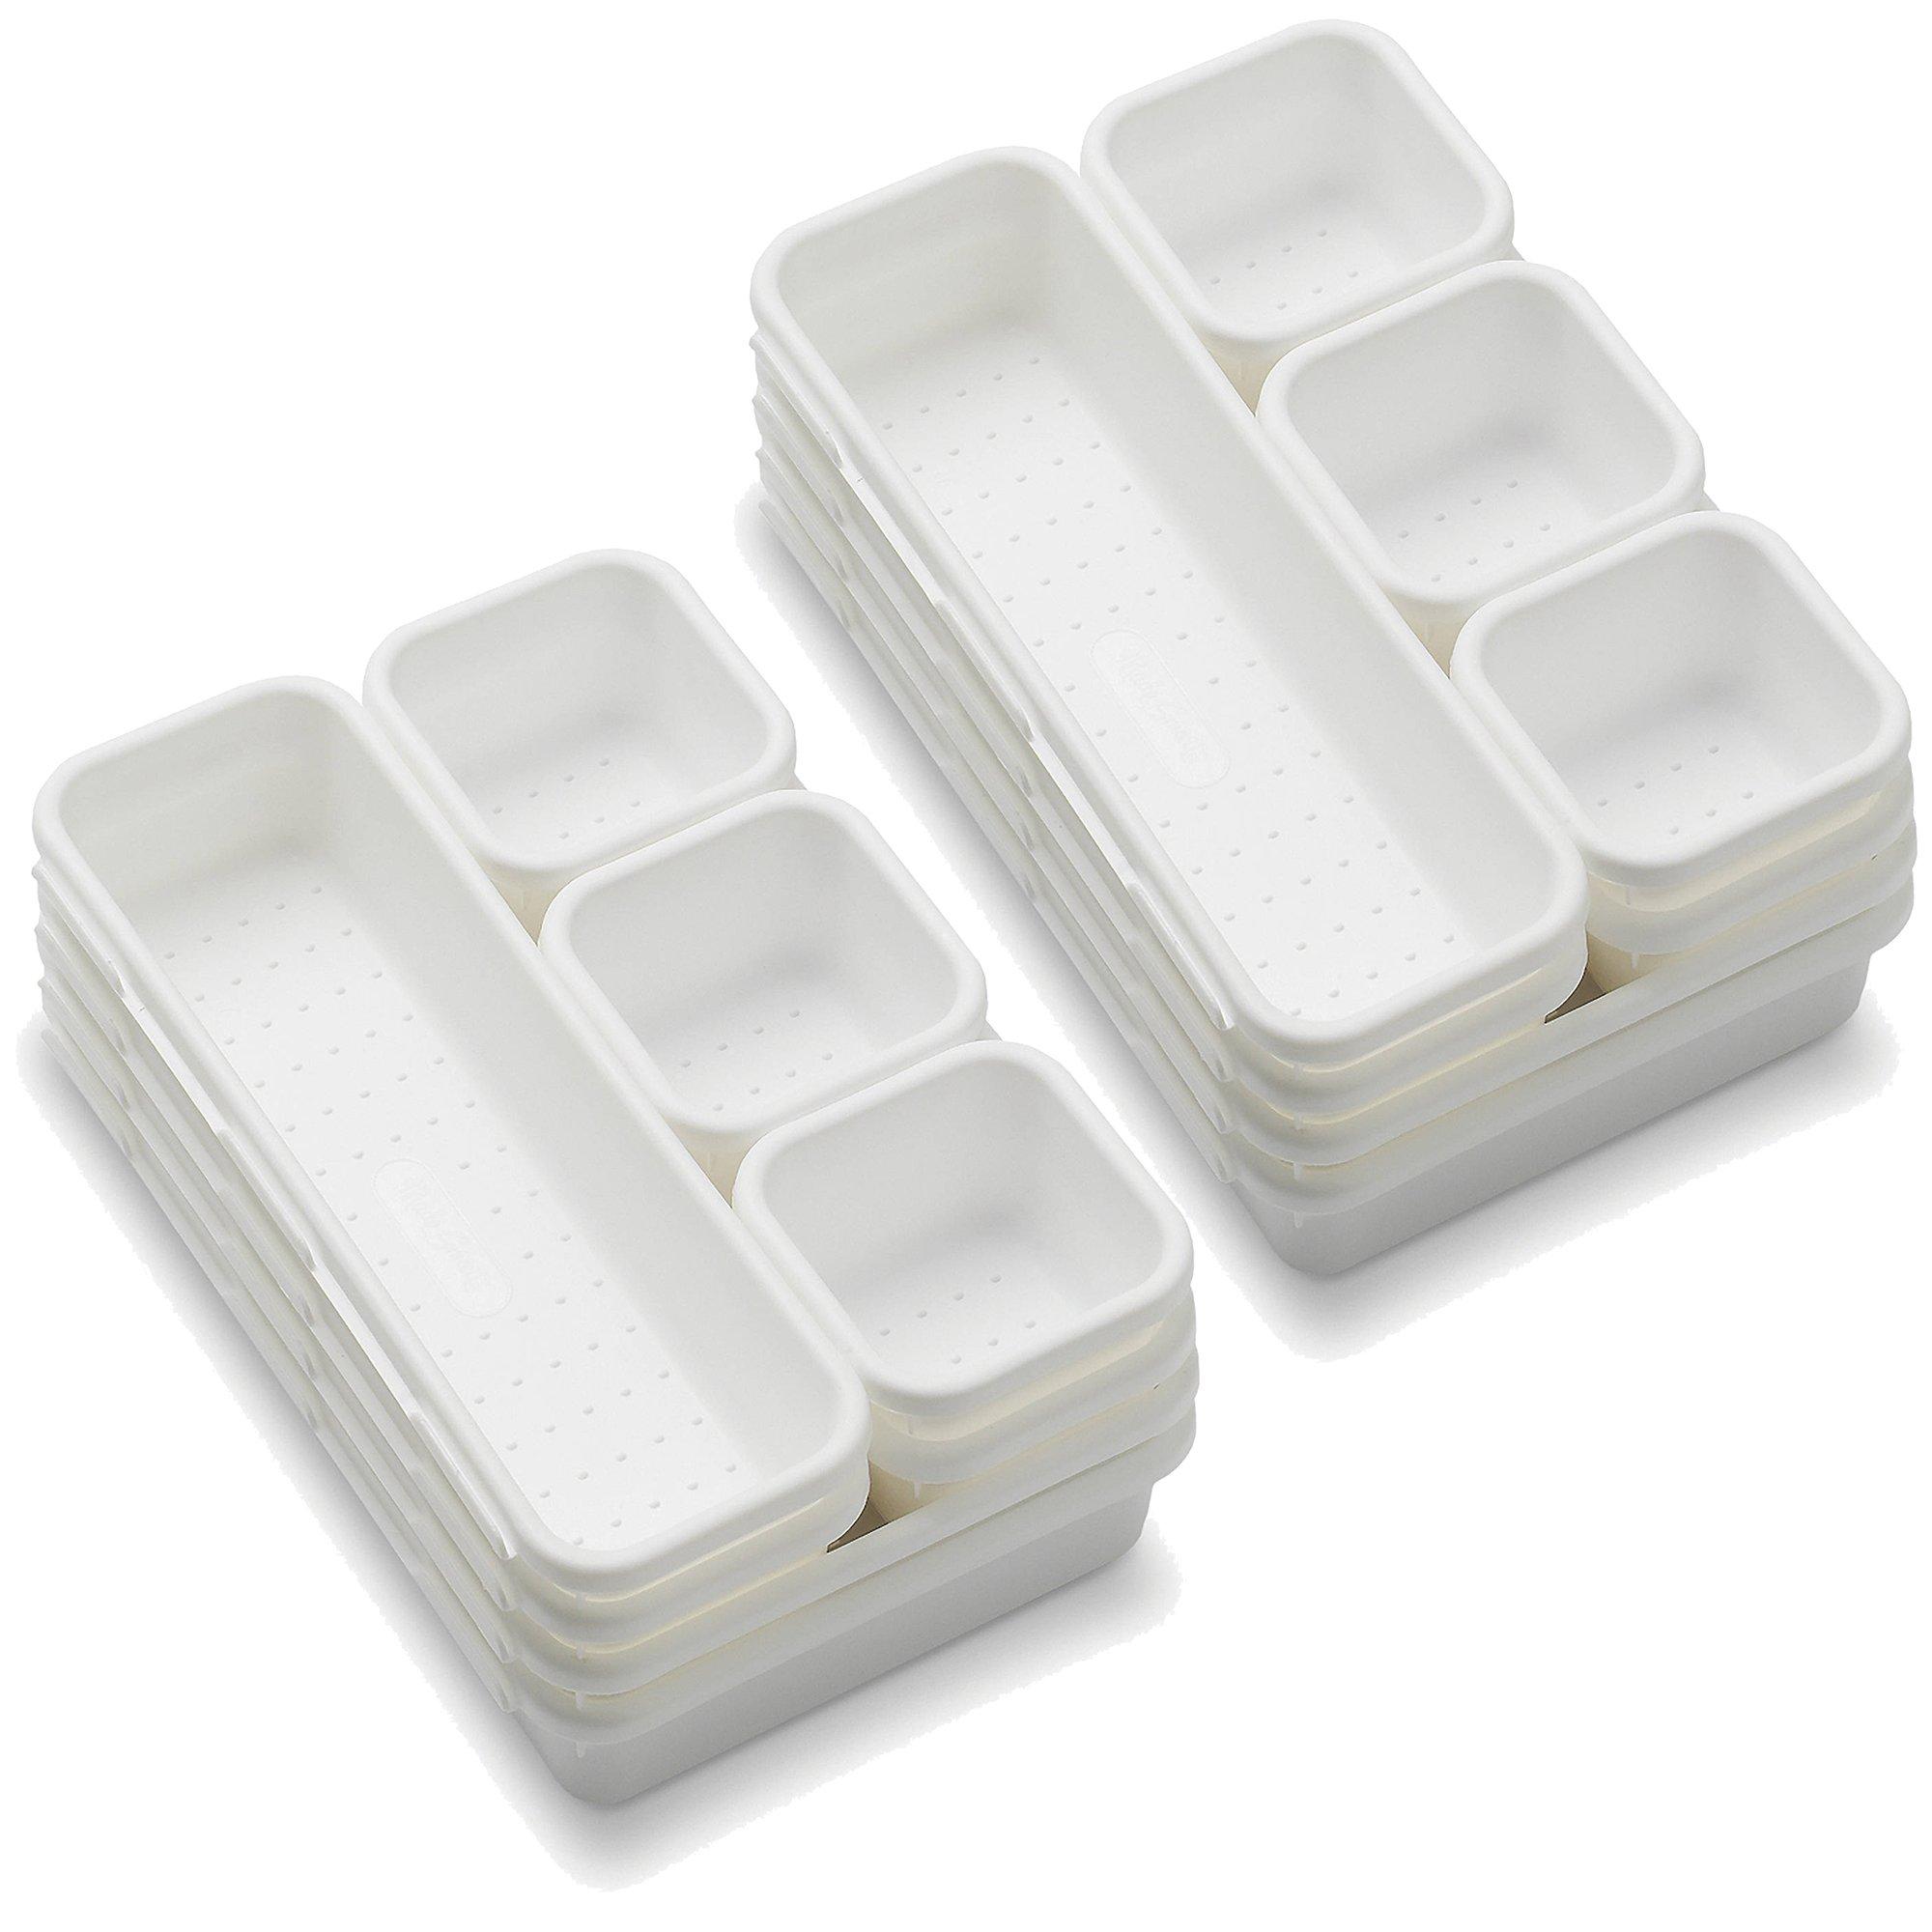 Madesmart 8 Piece Interlocking Bin Pack - White (2 Packs)